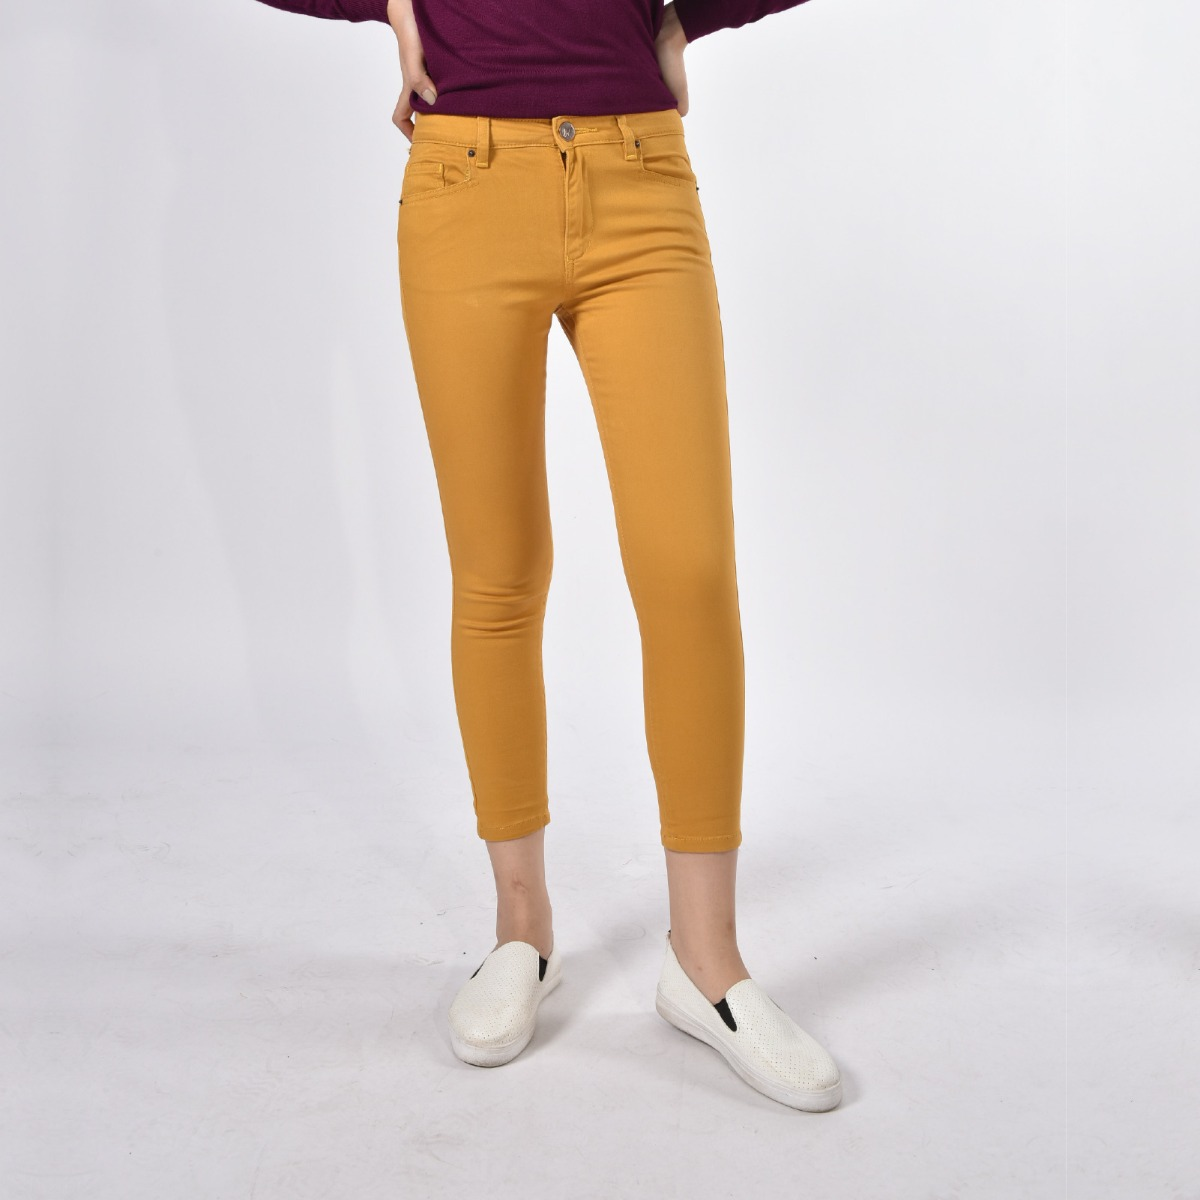 Quần jeans - WCS21005K